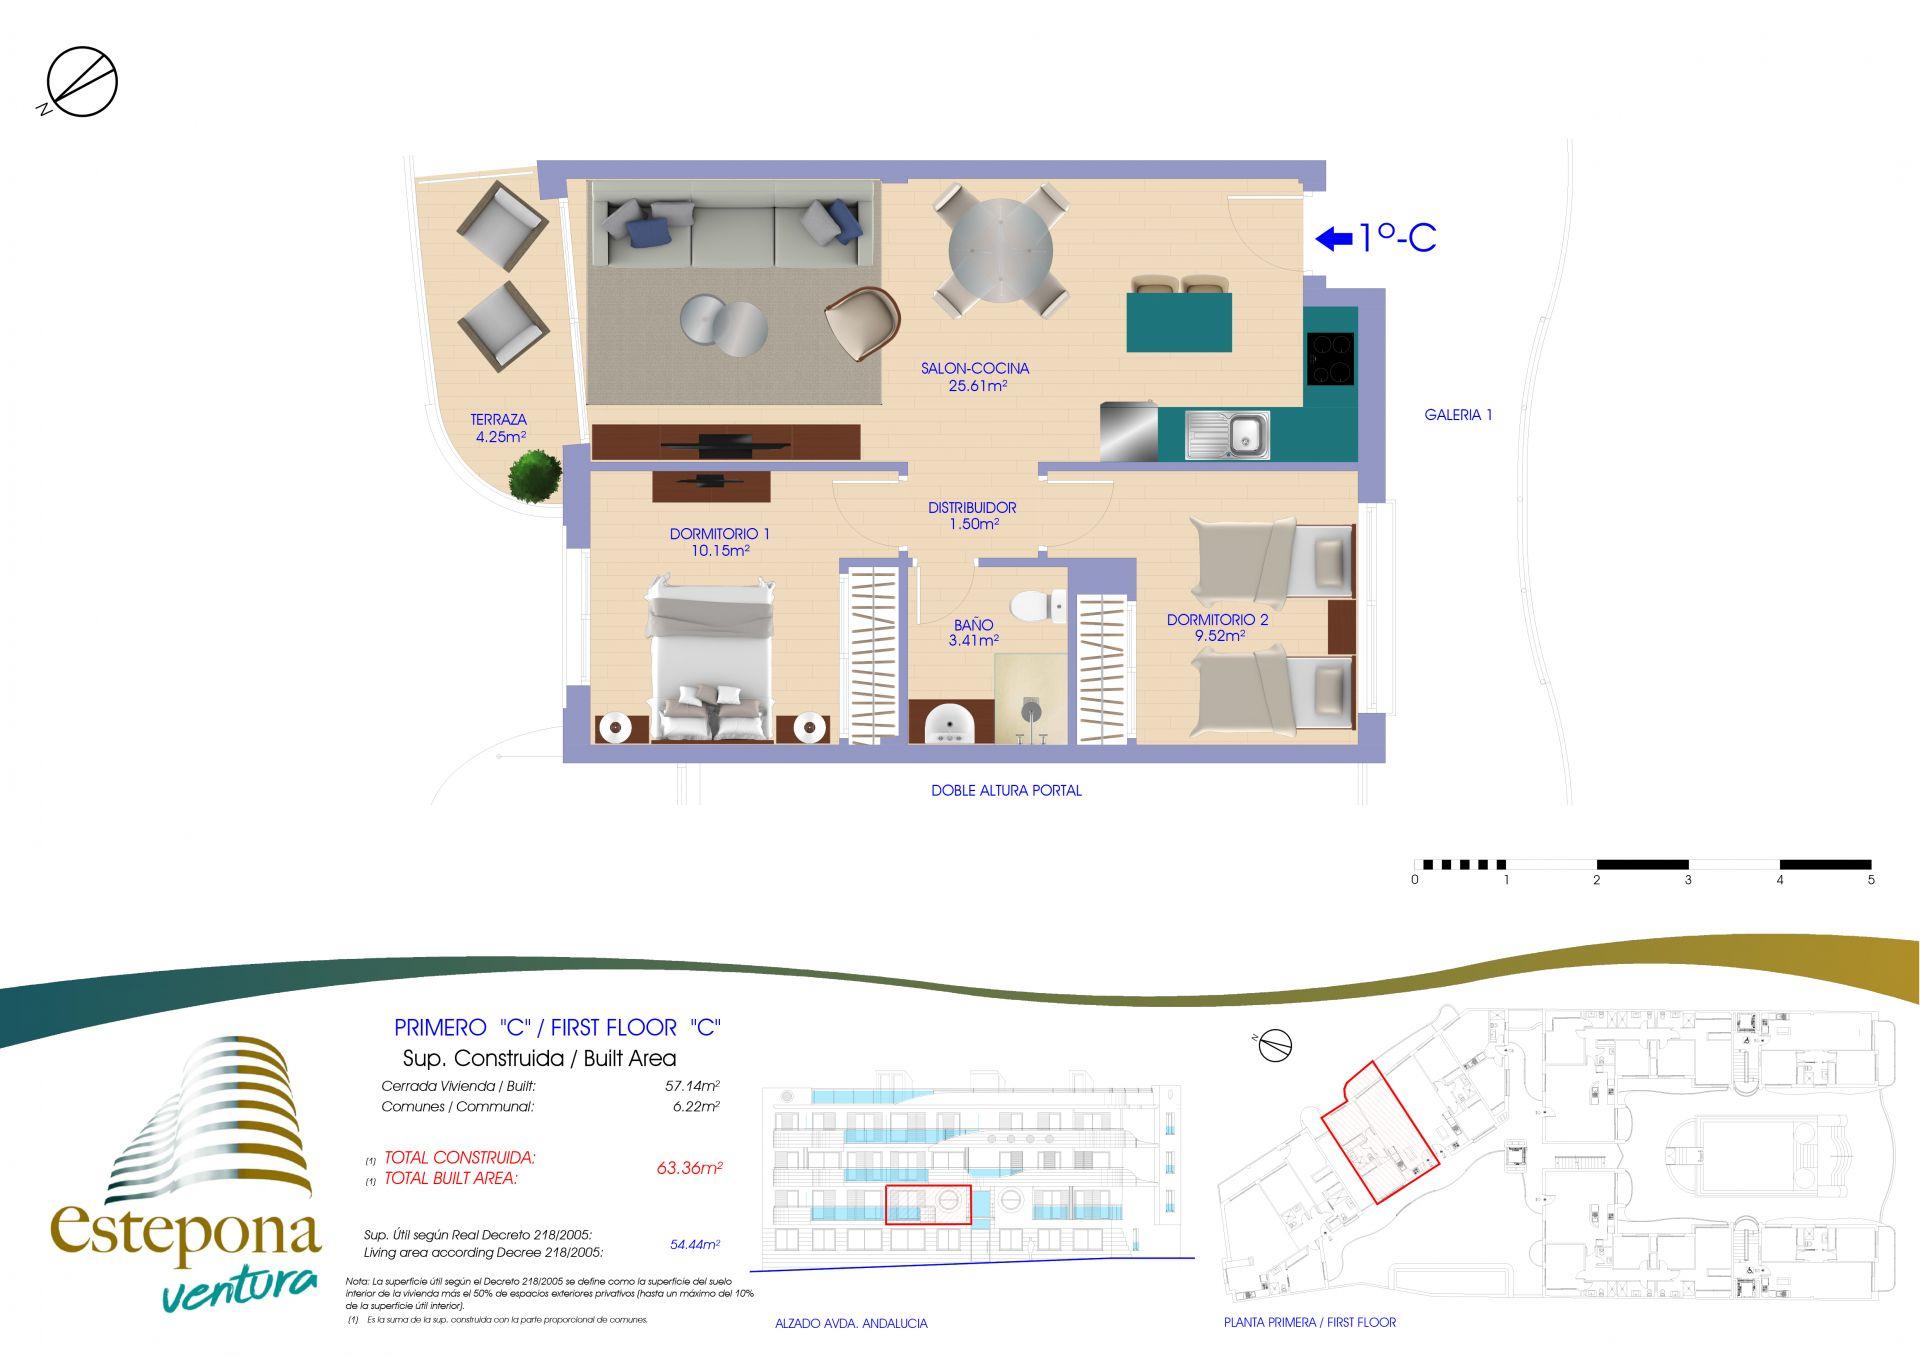 20201221 1º C  - Ventura Estepona | Compra de casa en Estepona